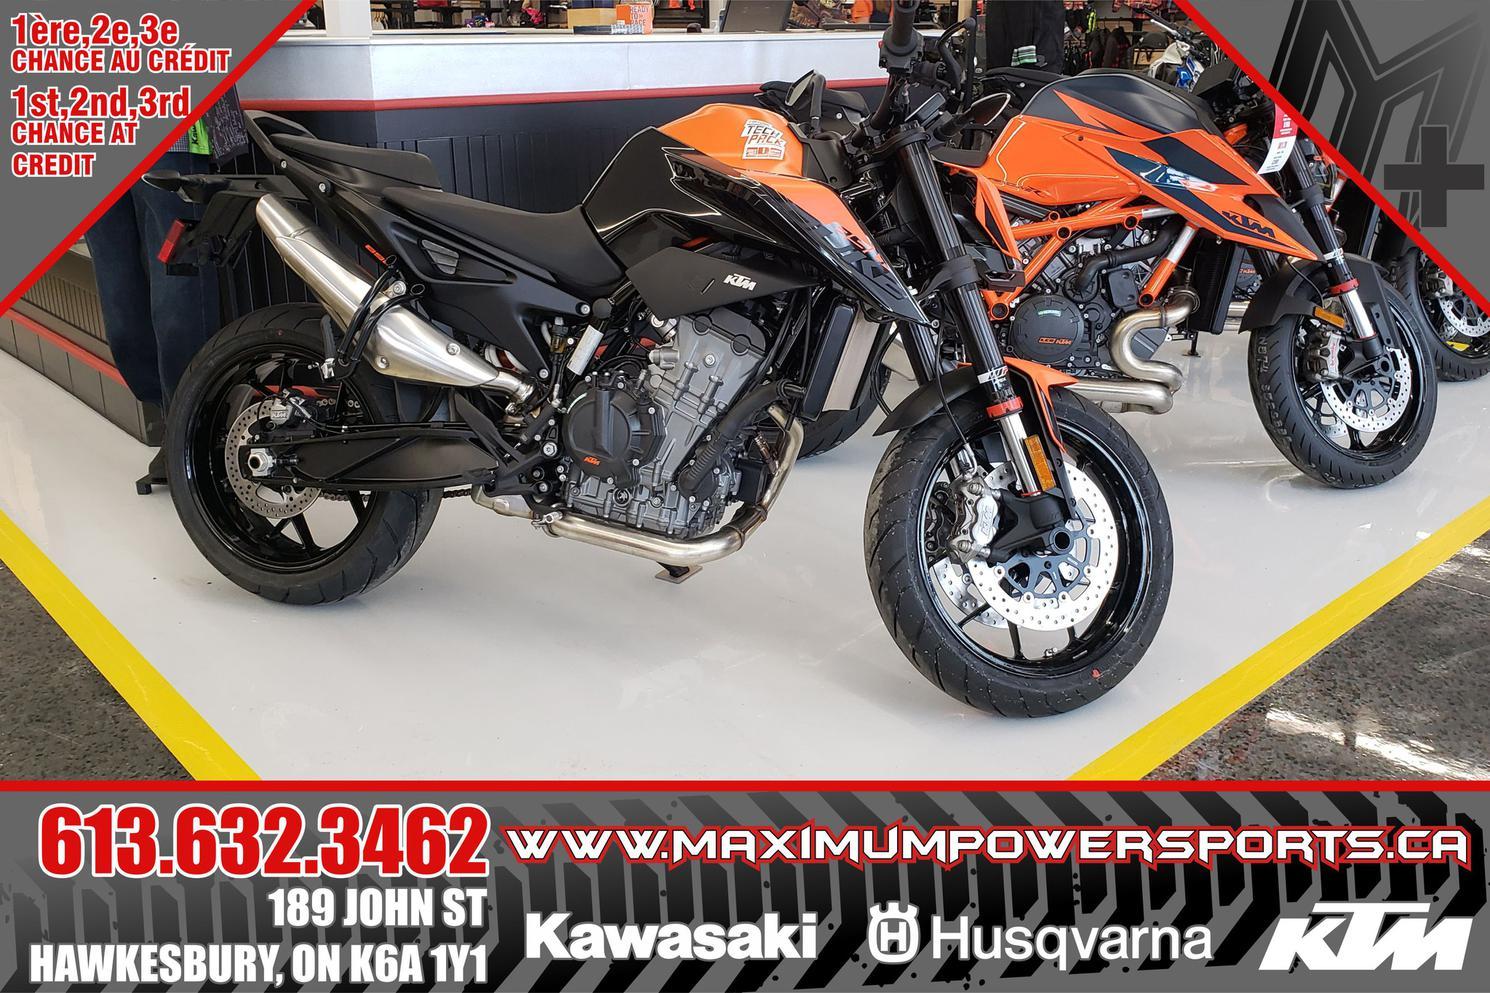 KTM DUKE 890 2021 - DUKE 890